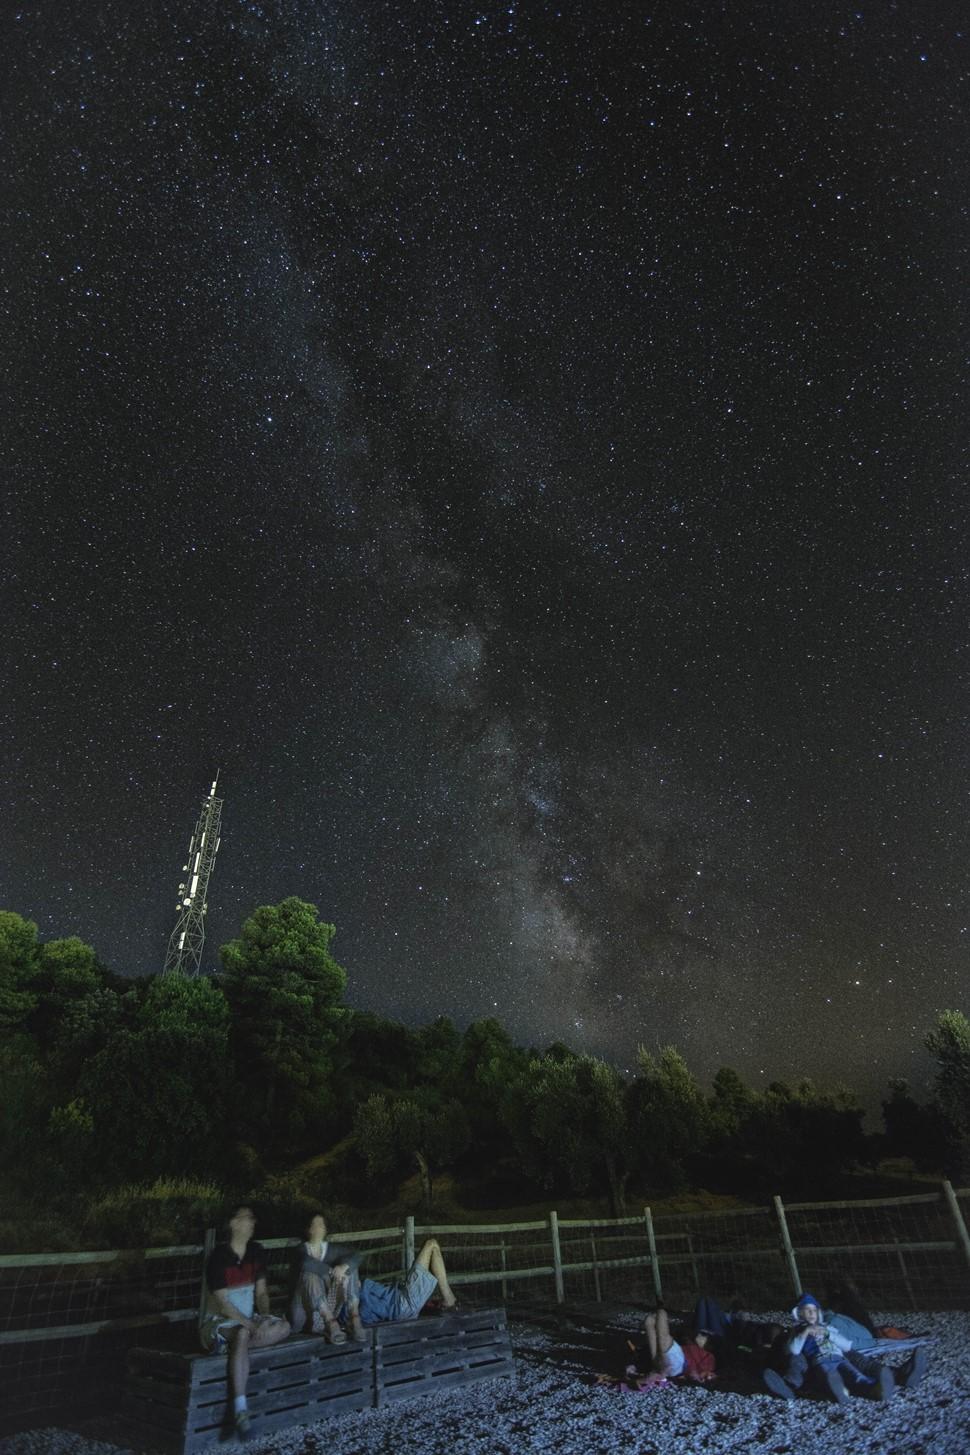 Juan Carlos M Efecto Vilar Rural Contemplando la Vía Láctea